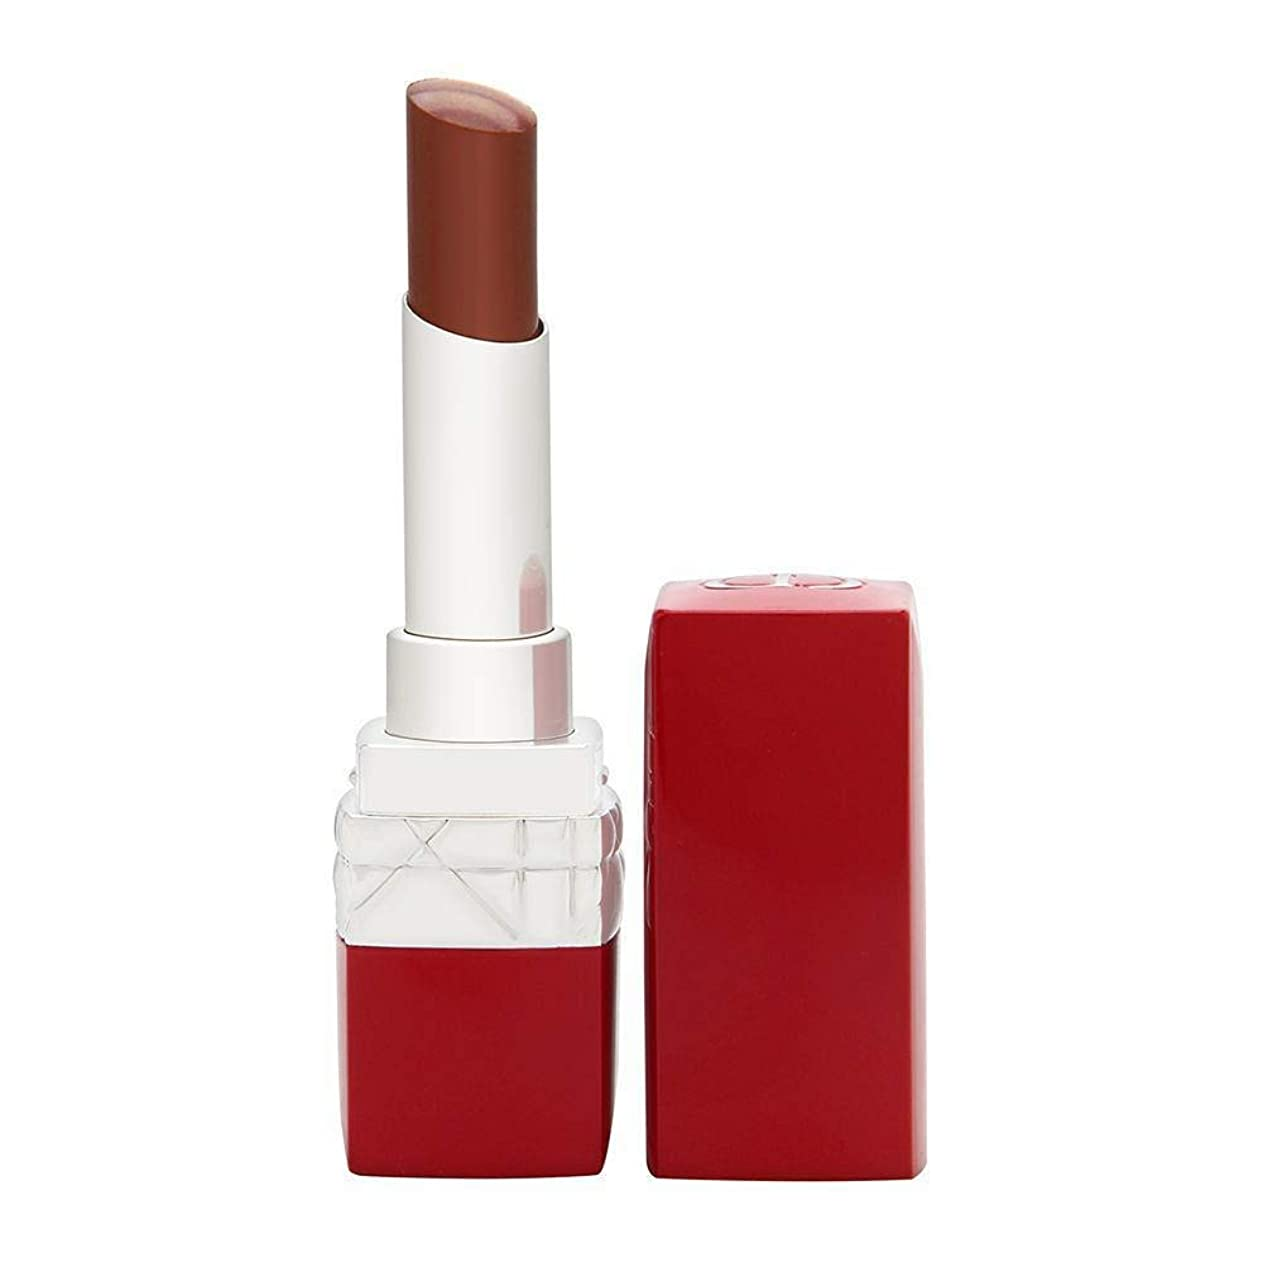 止まる深くお母さんクリスチャンディオール Rouge Dior Ultra Rouge - # 325 Ultra Tender 3.2g/0.11oz並行輸入品